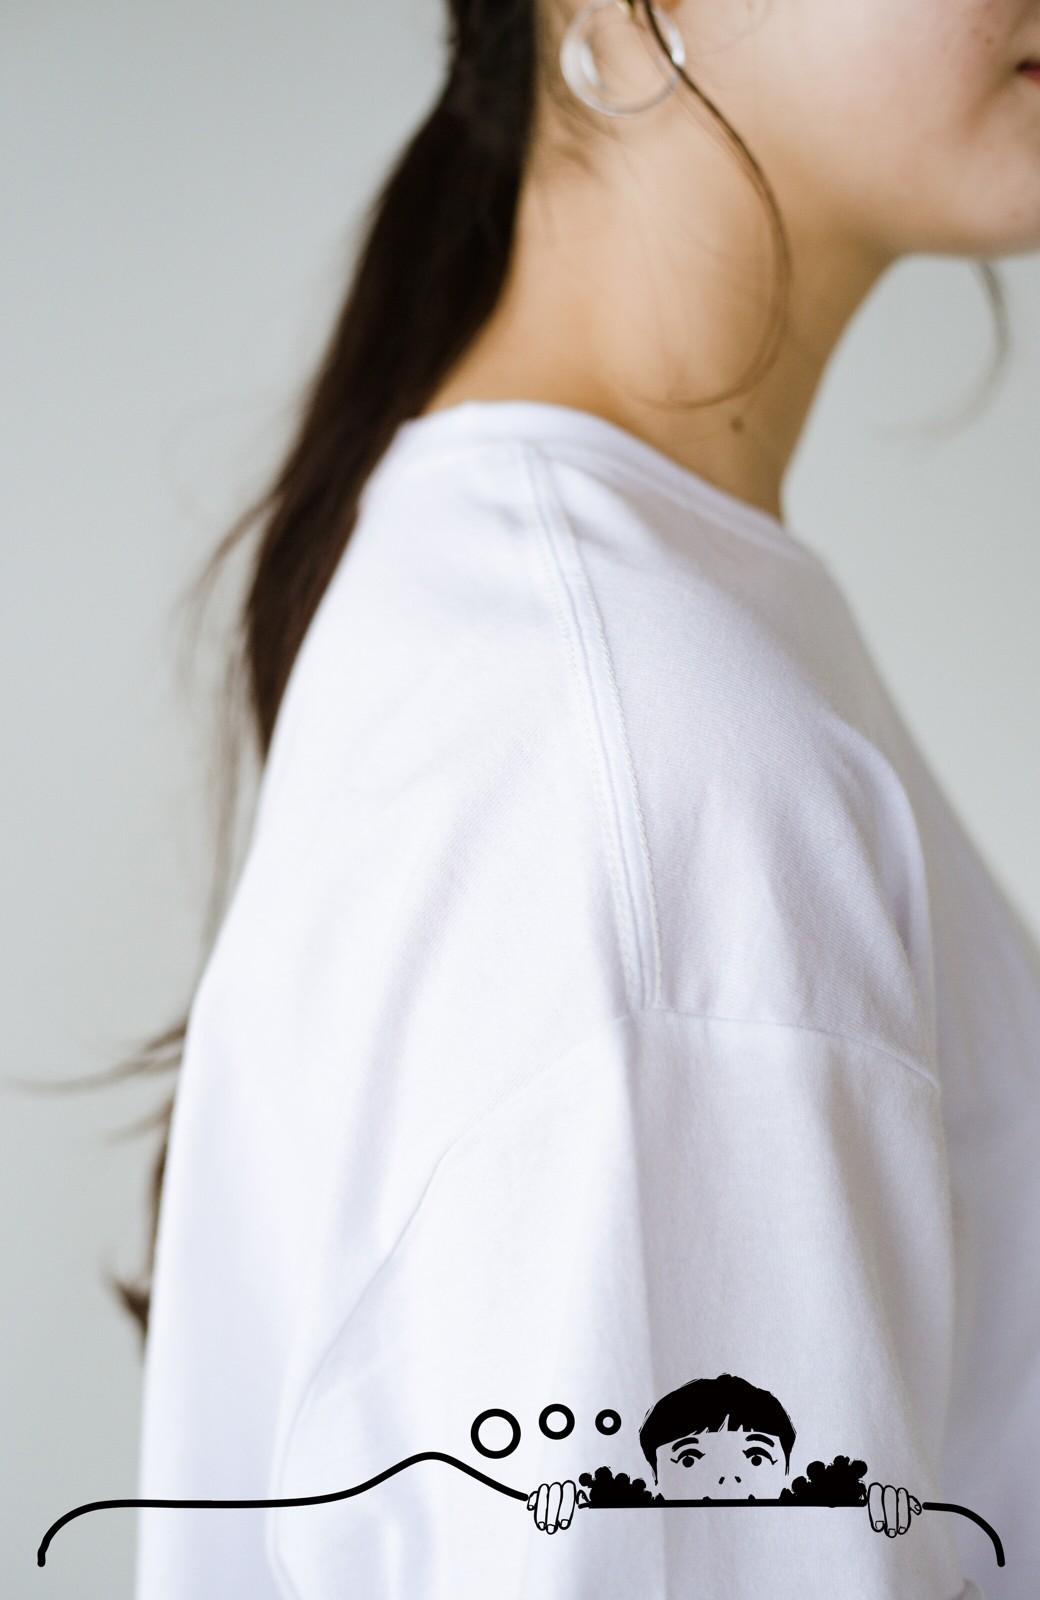 haco! あるかないかで大違い!大人の抜け感を醸し出すさりげなロゴTシャツ by who made me + PBP <ホワイト>の商品写真8